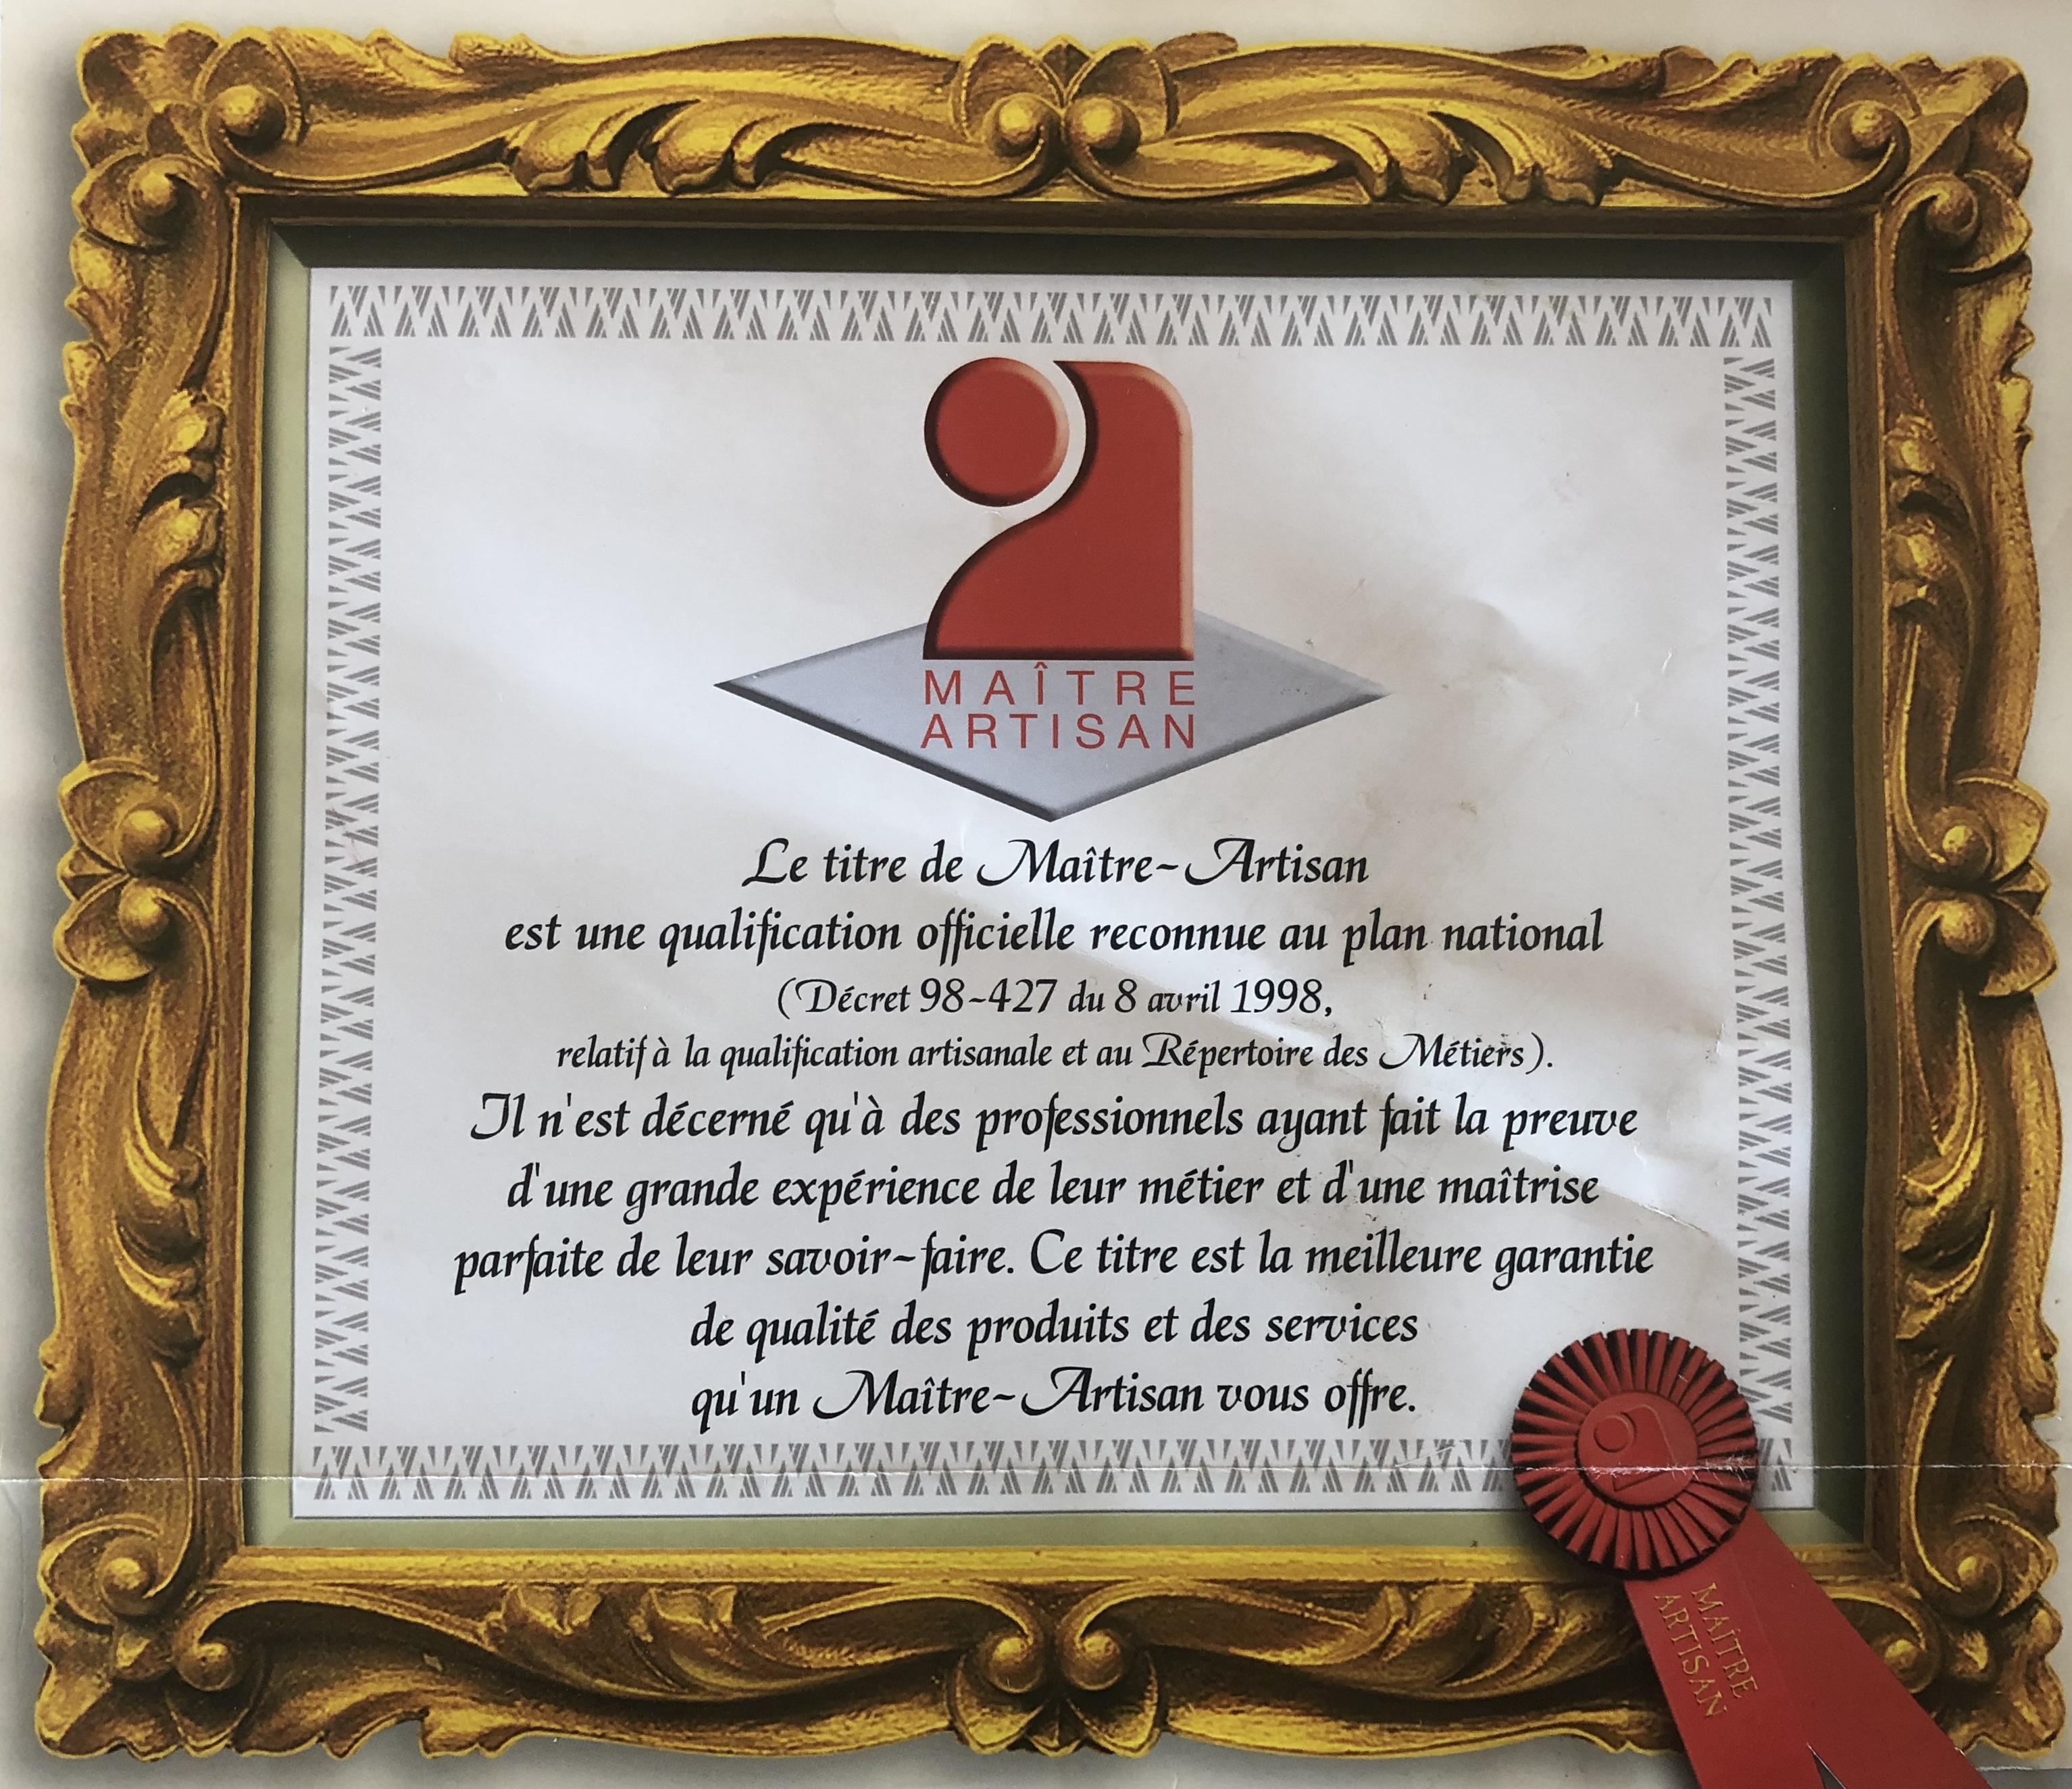 Certificat de maitre artisan de Ludovic Bicchierai pour l'école de pizzailo CFNP